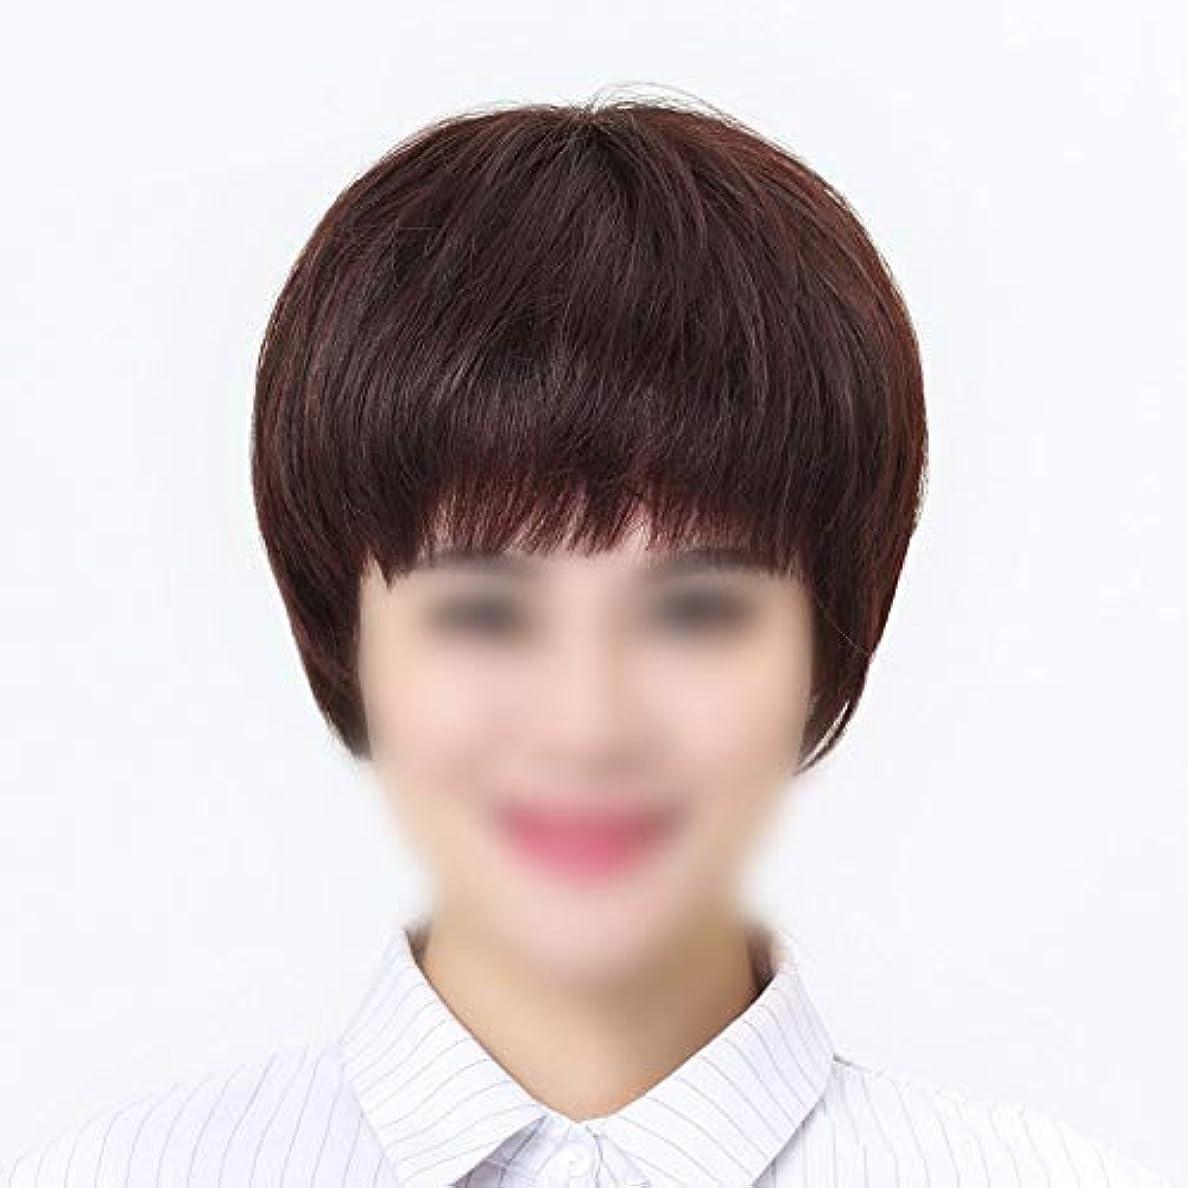 飛躍平衡ストロークYOUQIU 中年女性ウィッグ用ショートストレートヘアウィッグ女性のための手織りニードルウィッグリアルタイム髪 (色 : Natural black, サイズ : Mechanism)